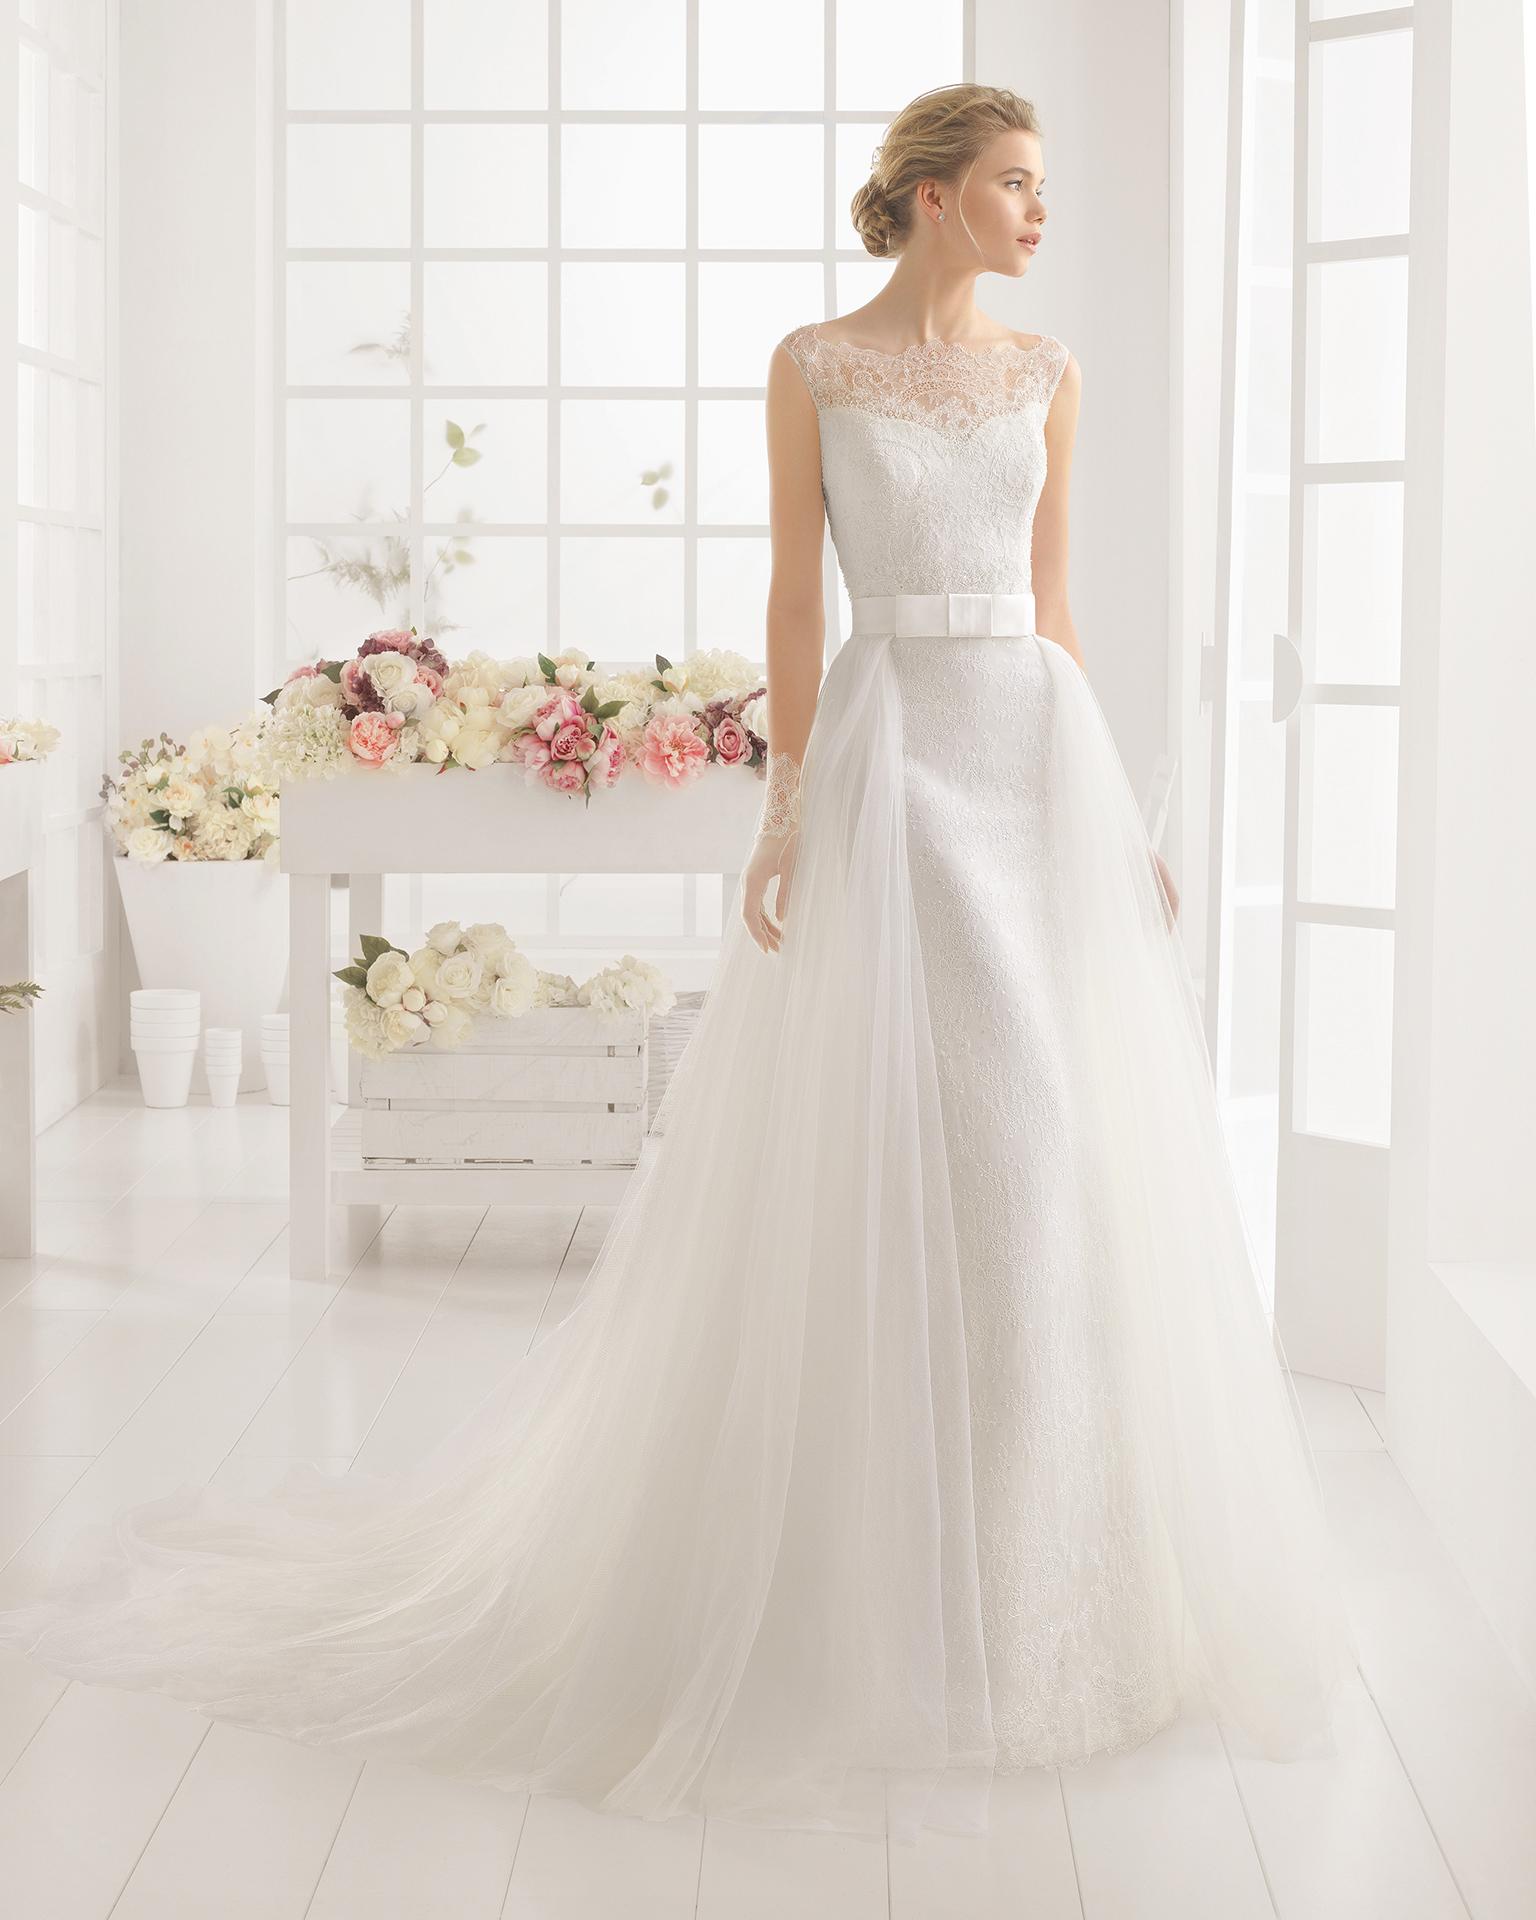 MARQUESA Hochzeitskleid - Aire Barcelona 2016.